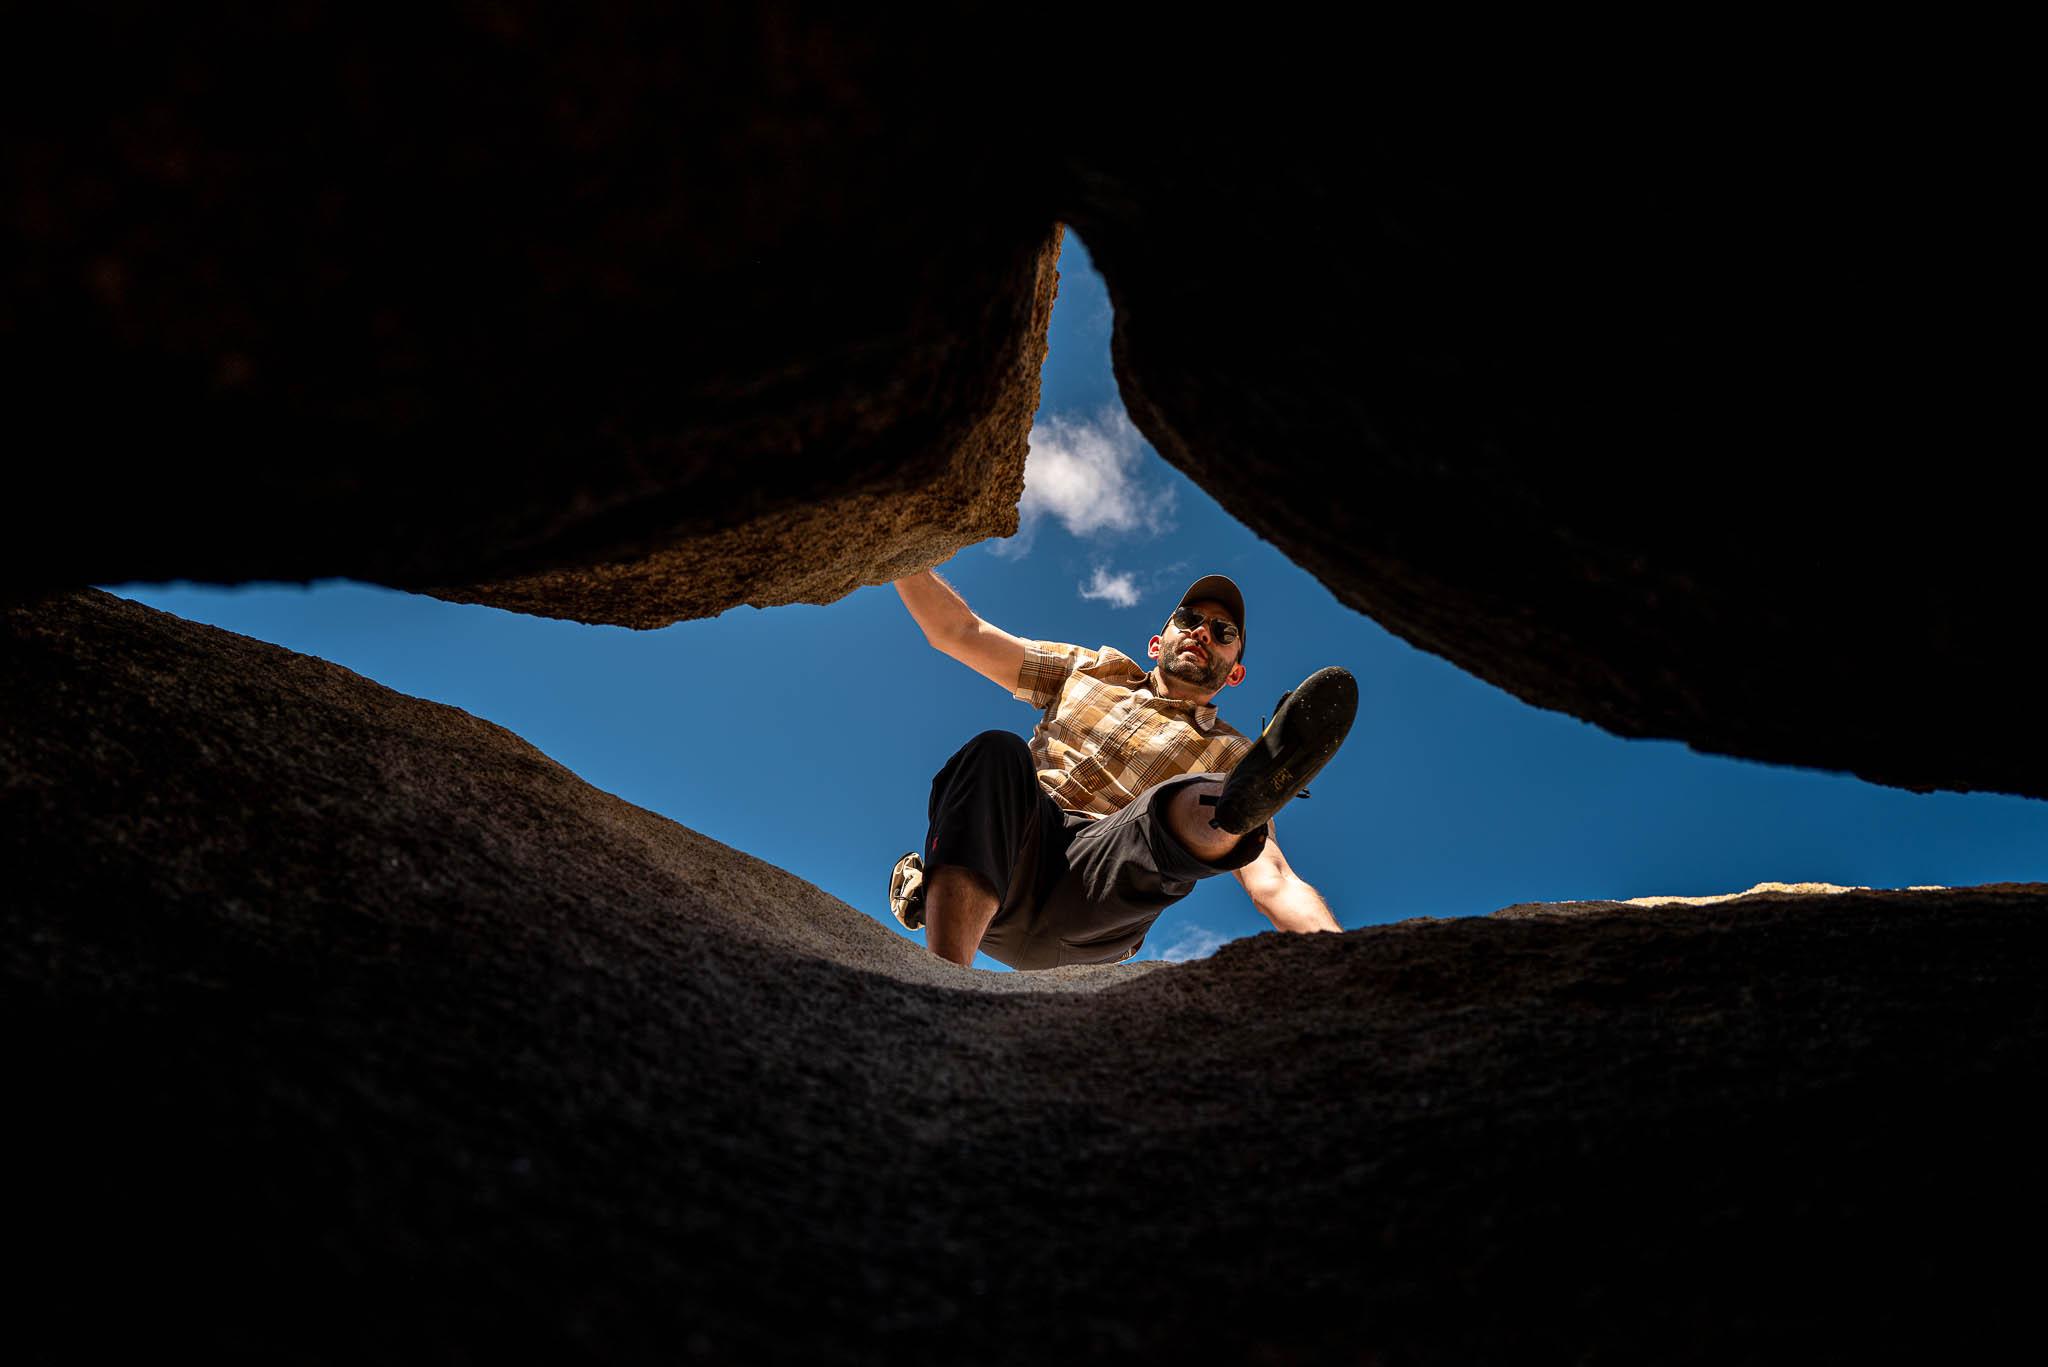 Rock climber scrambling